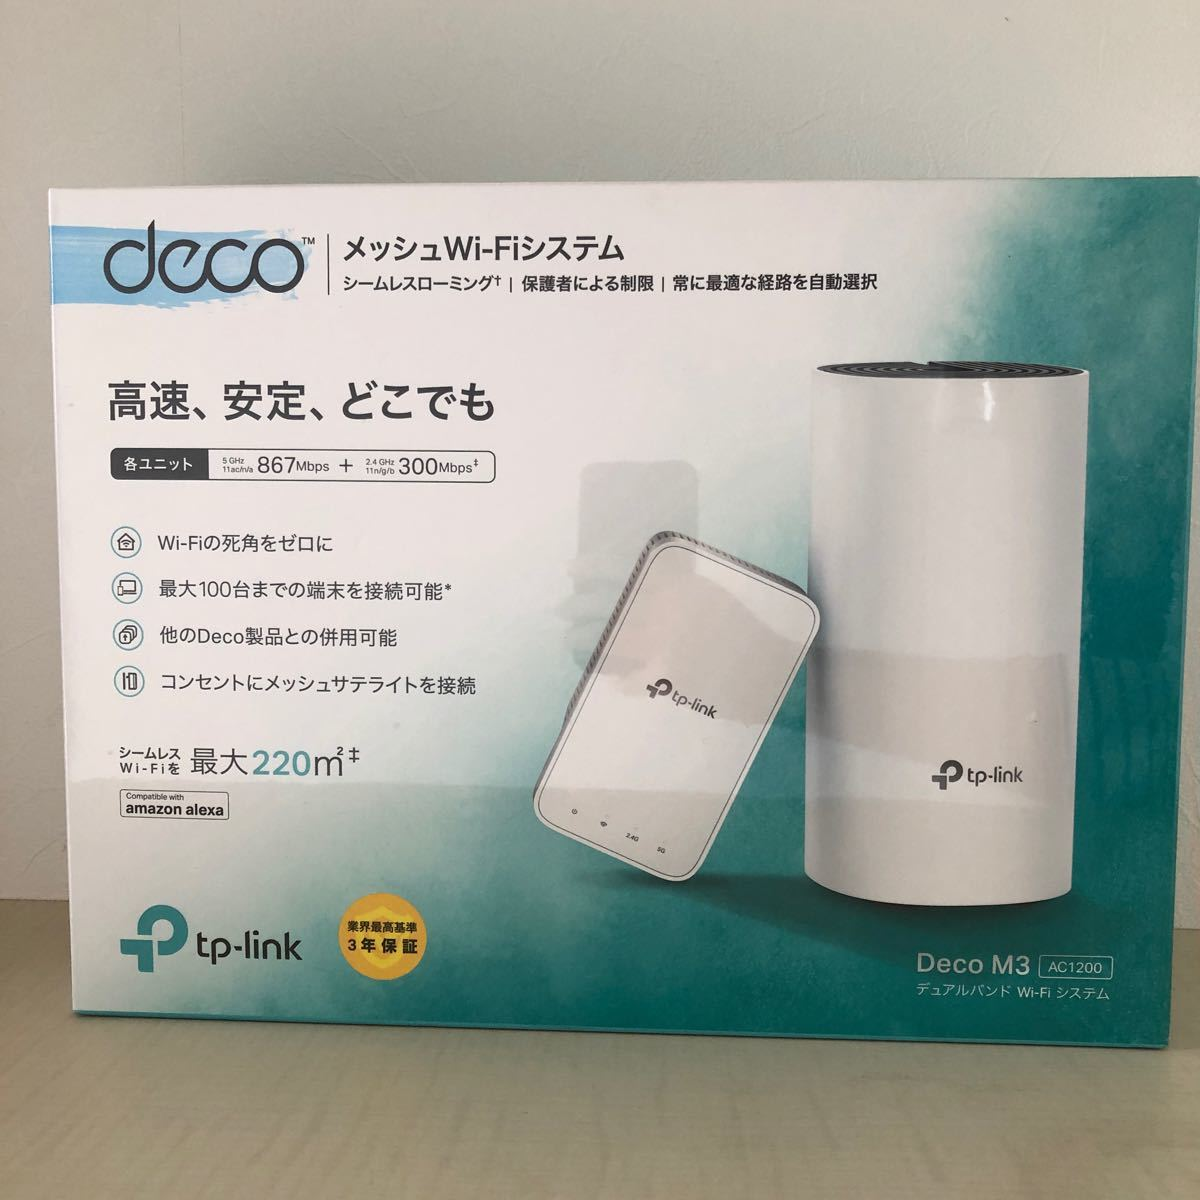 TP-Link WiFi 無線LAN ルーター デュアルバンド AC1200 3年保証 2ユニットセット Deco M3